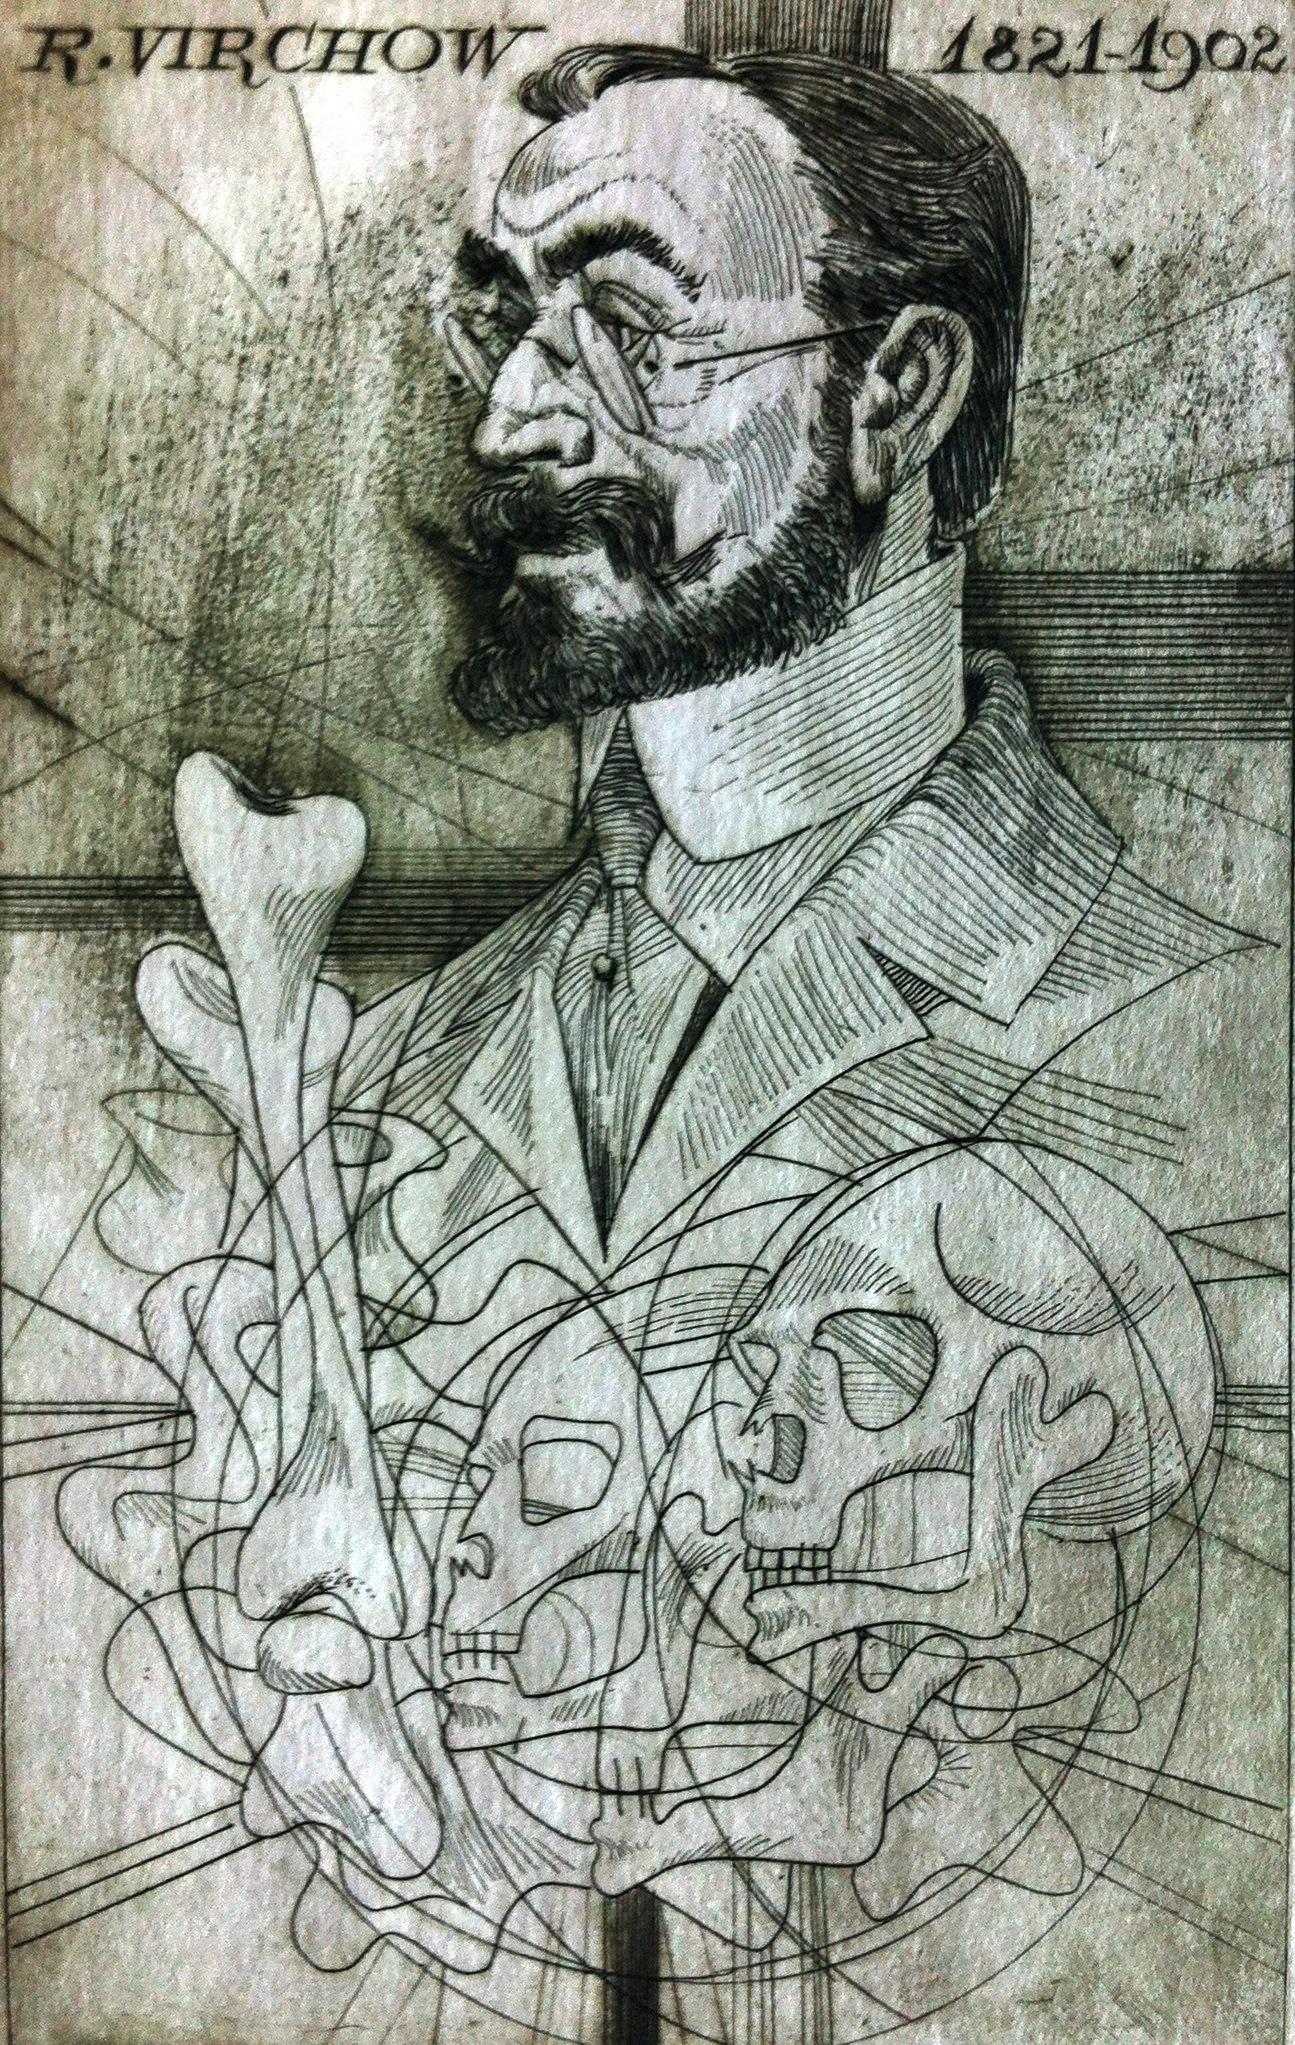 Kass, János: Aerzteportraits - Virchow 1821-1902